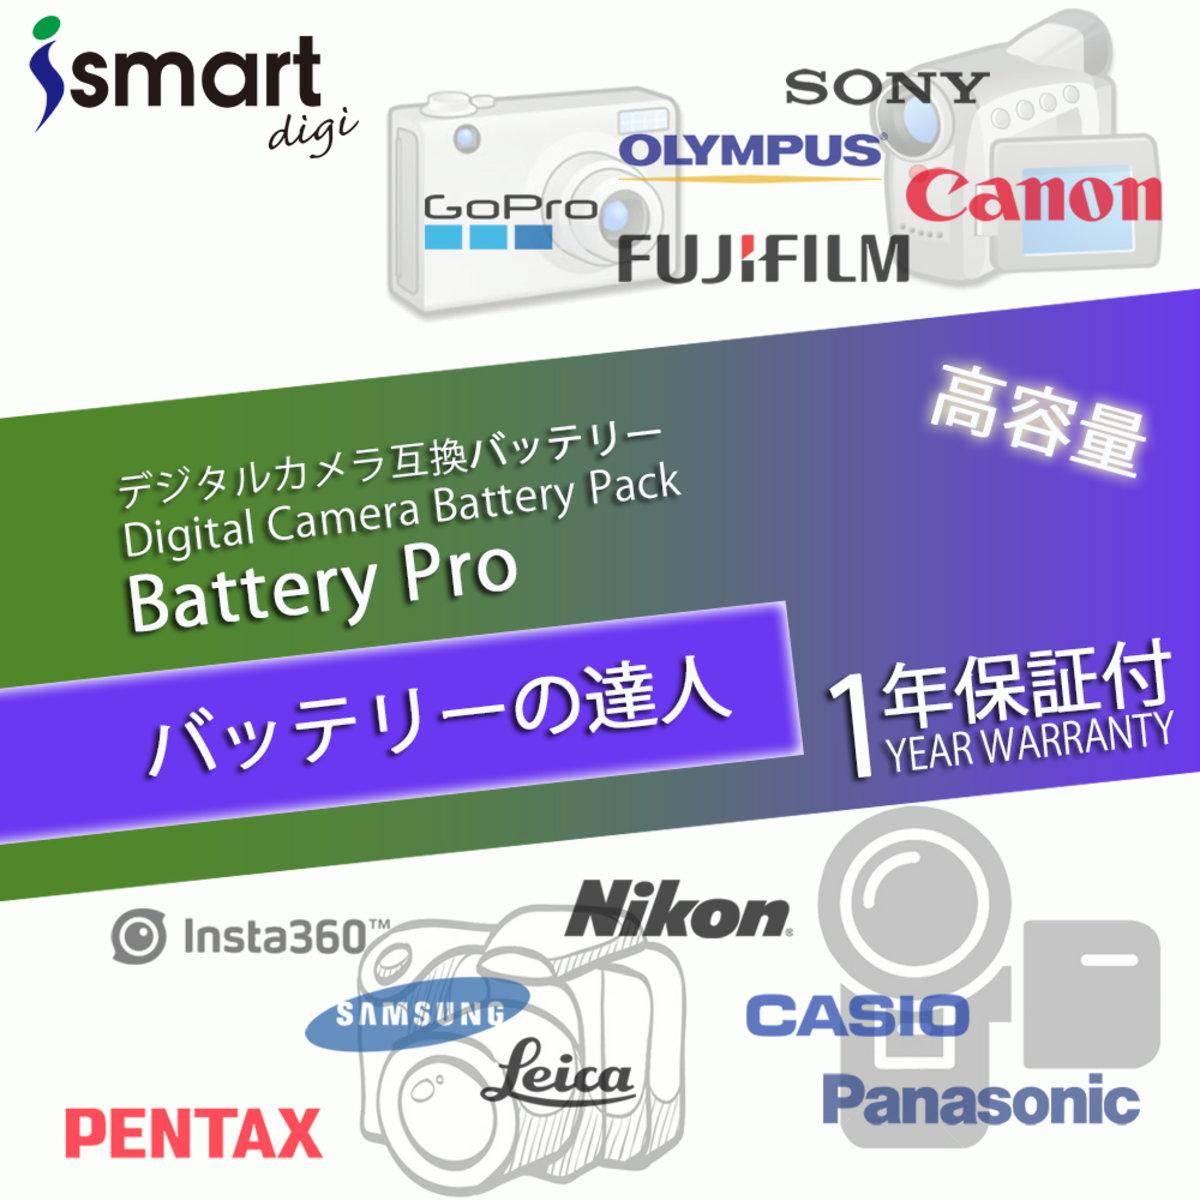 Sony數碼相機電池(適合:DSC-W570, DSC-TX10, DSC-TX100V, DSC-W380, DSC-TX9,DSC-T99, DSC-WX5, DSC-TX5, DSC-TX7)